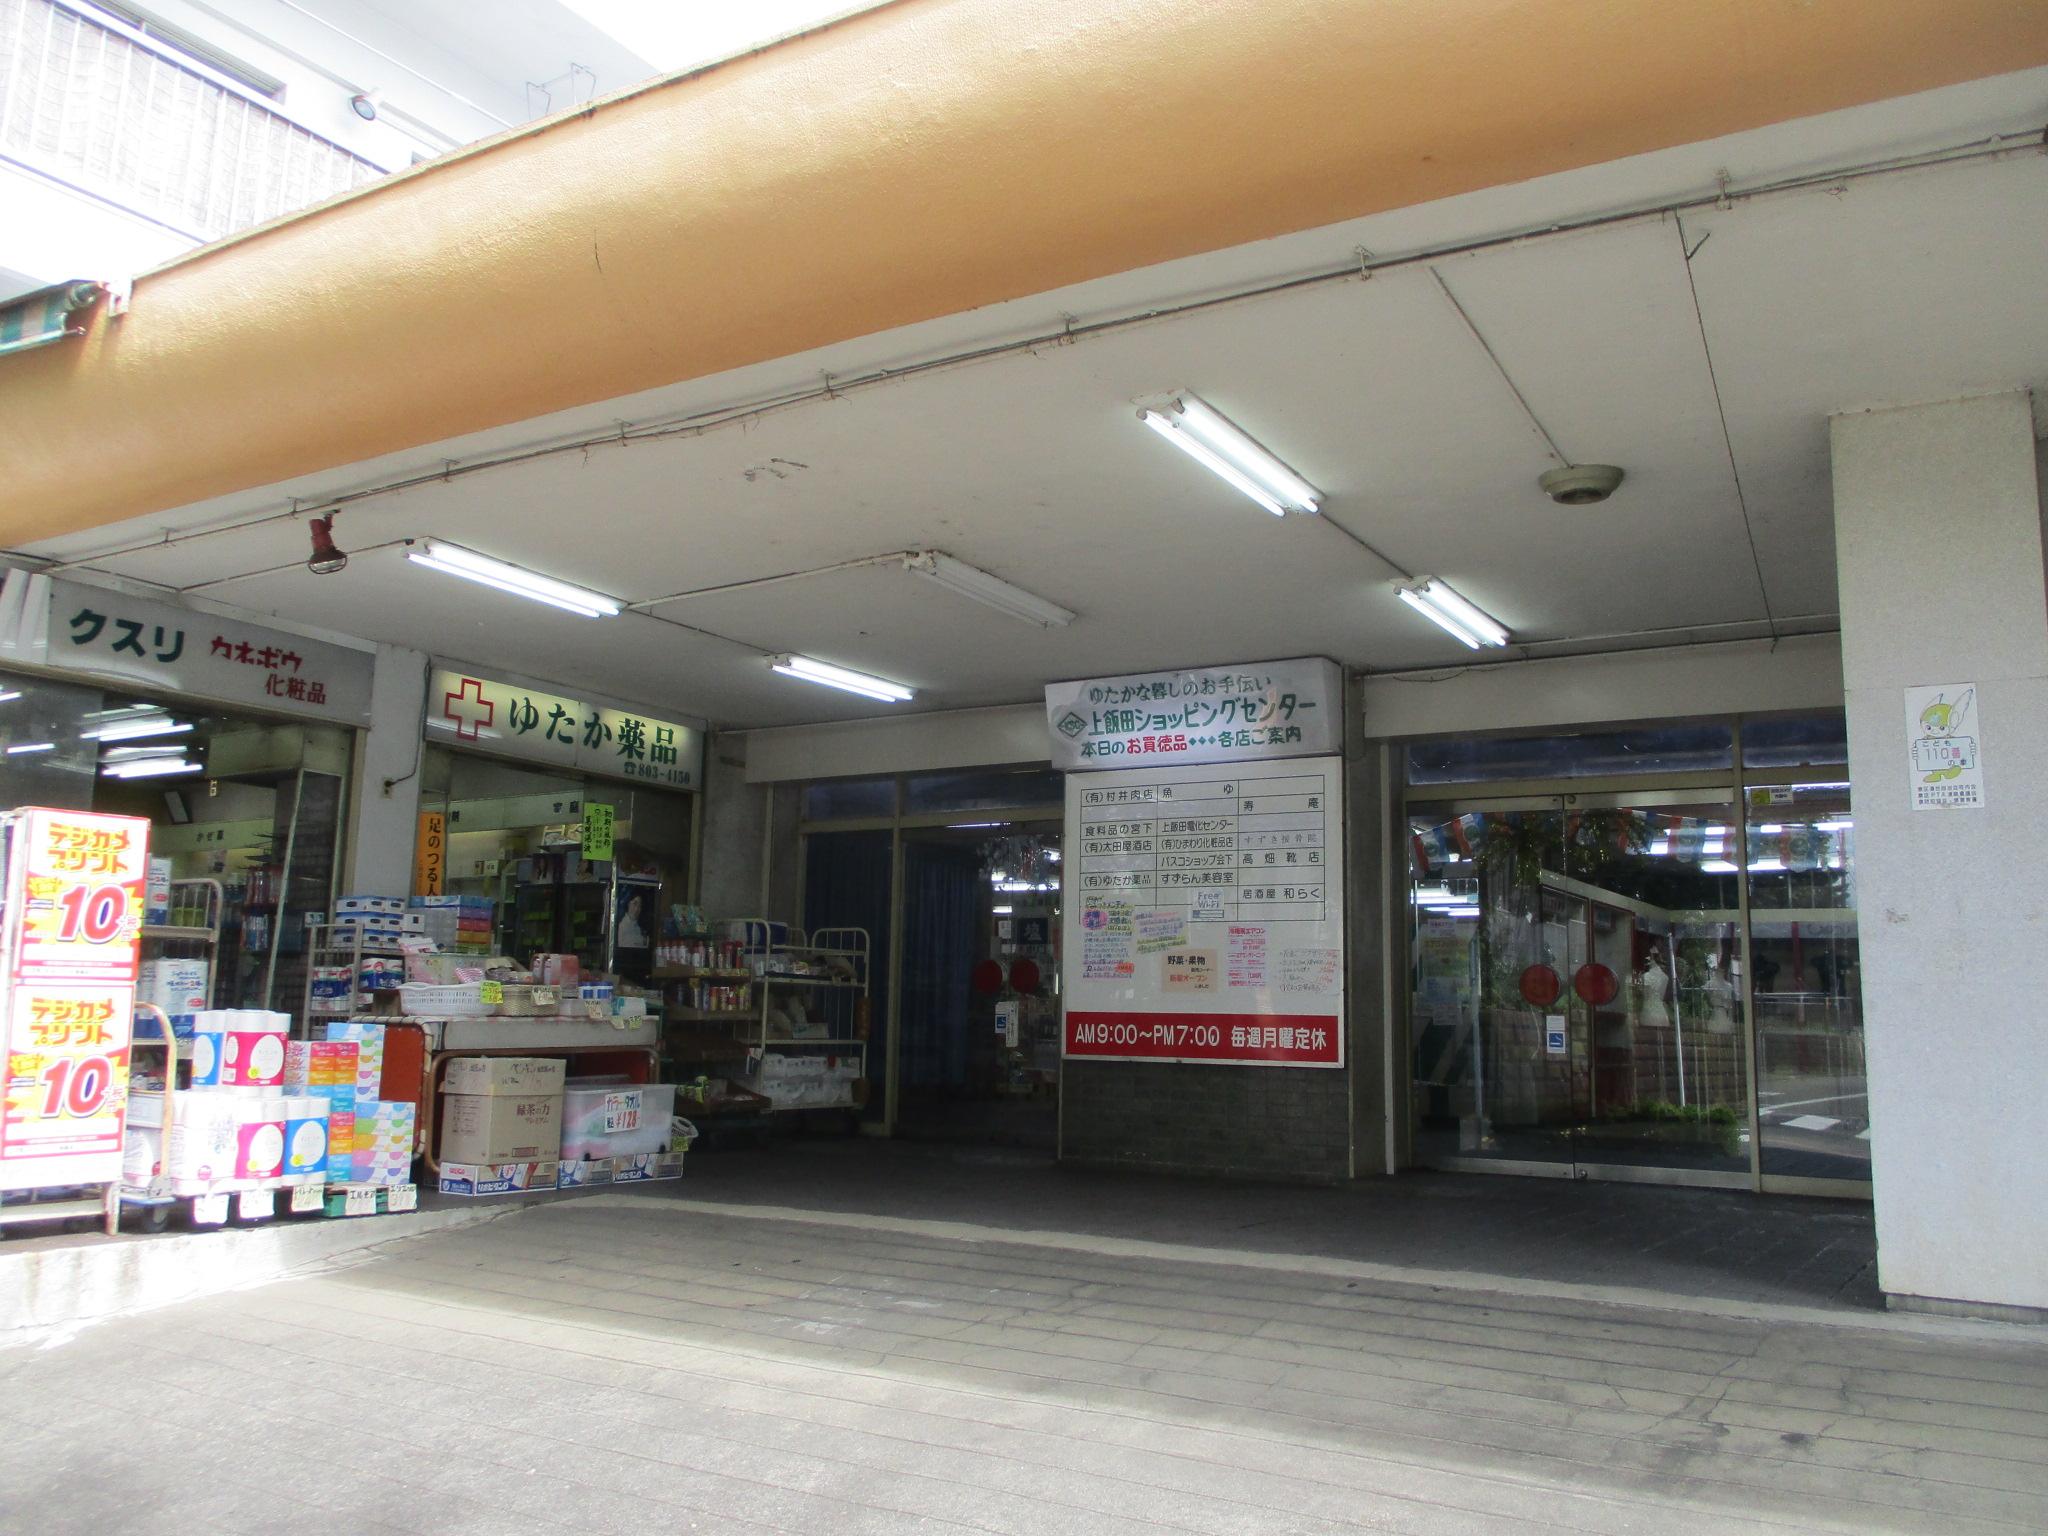 上飯田ショッピングセンター